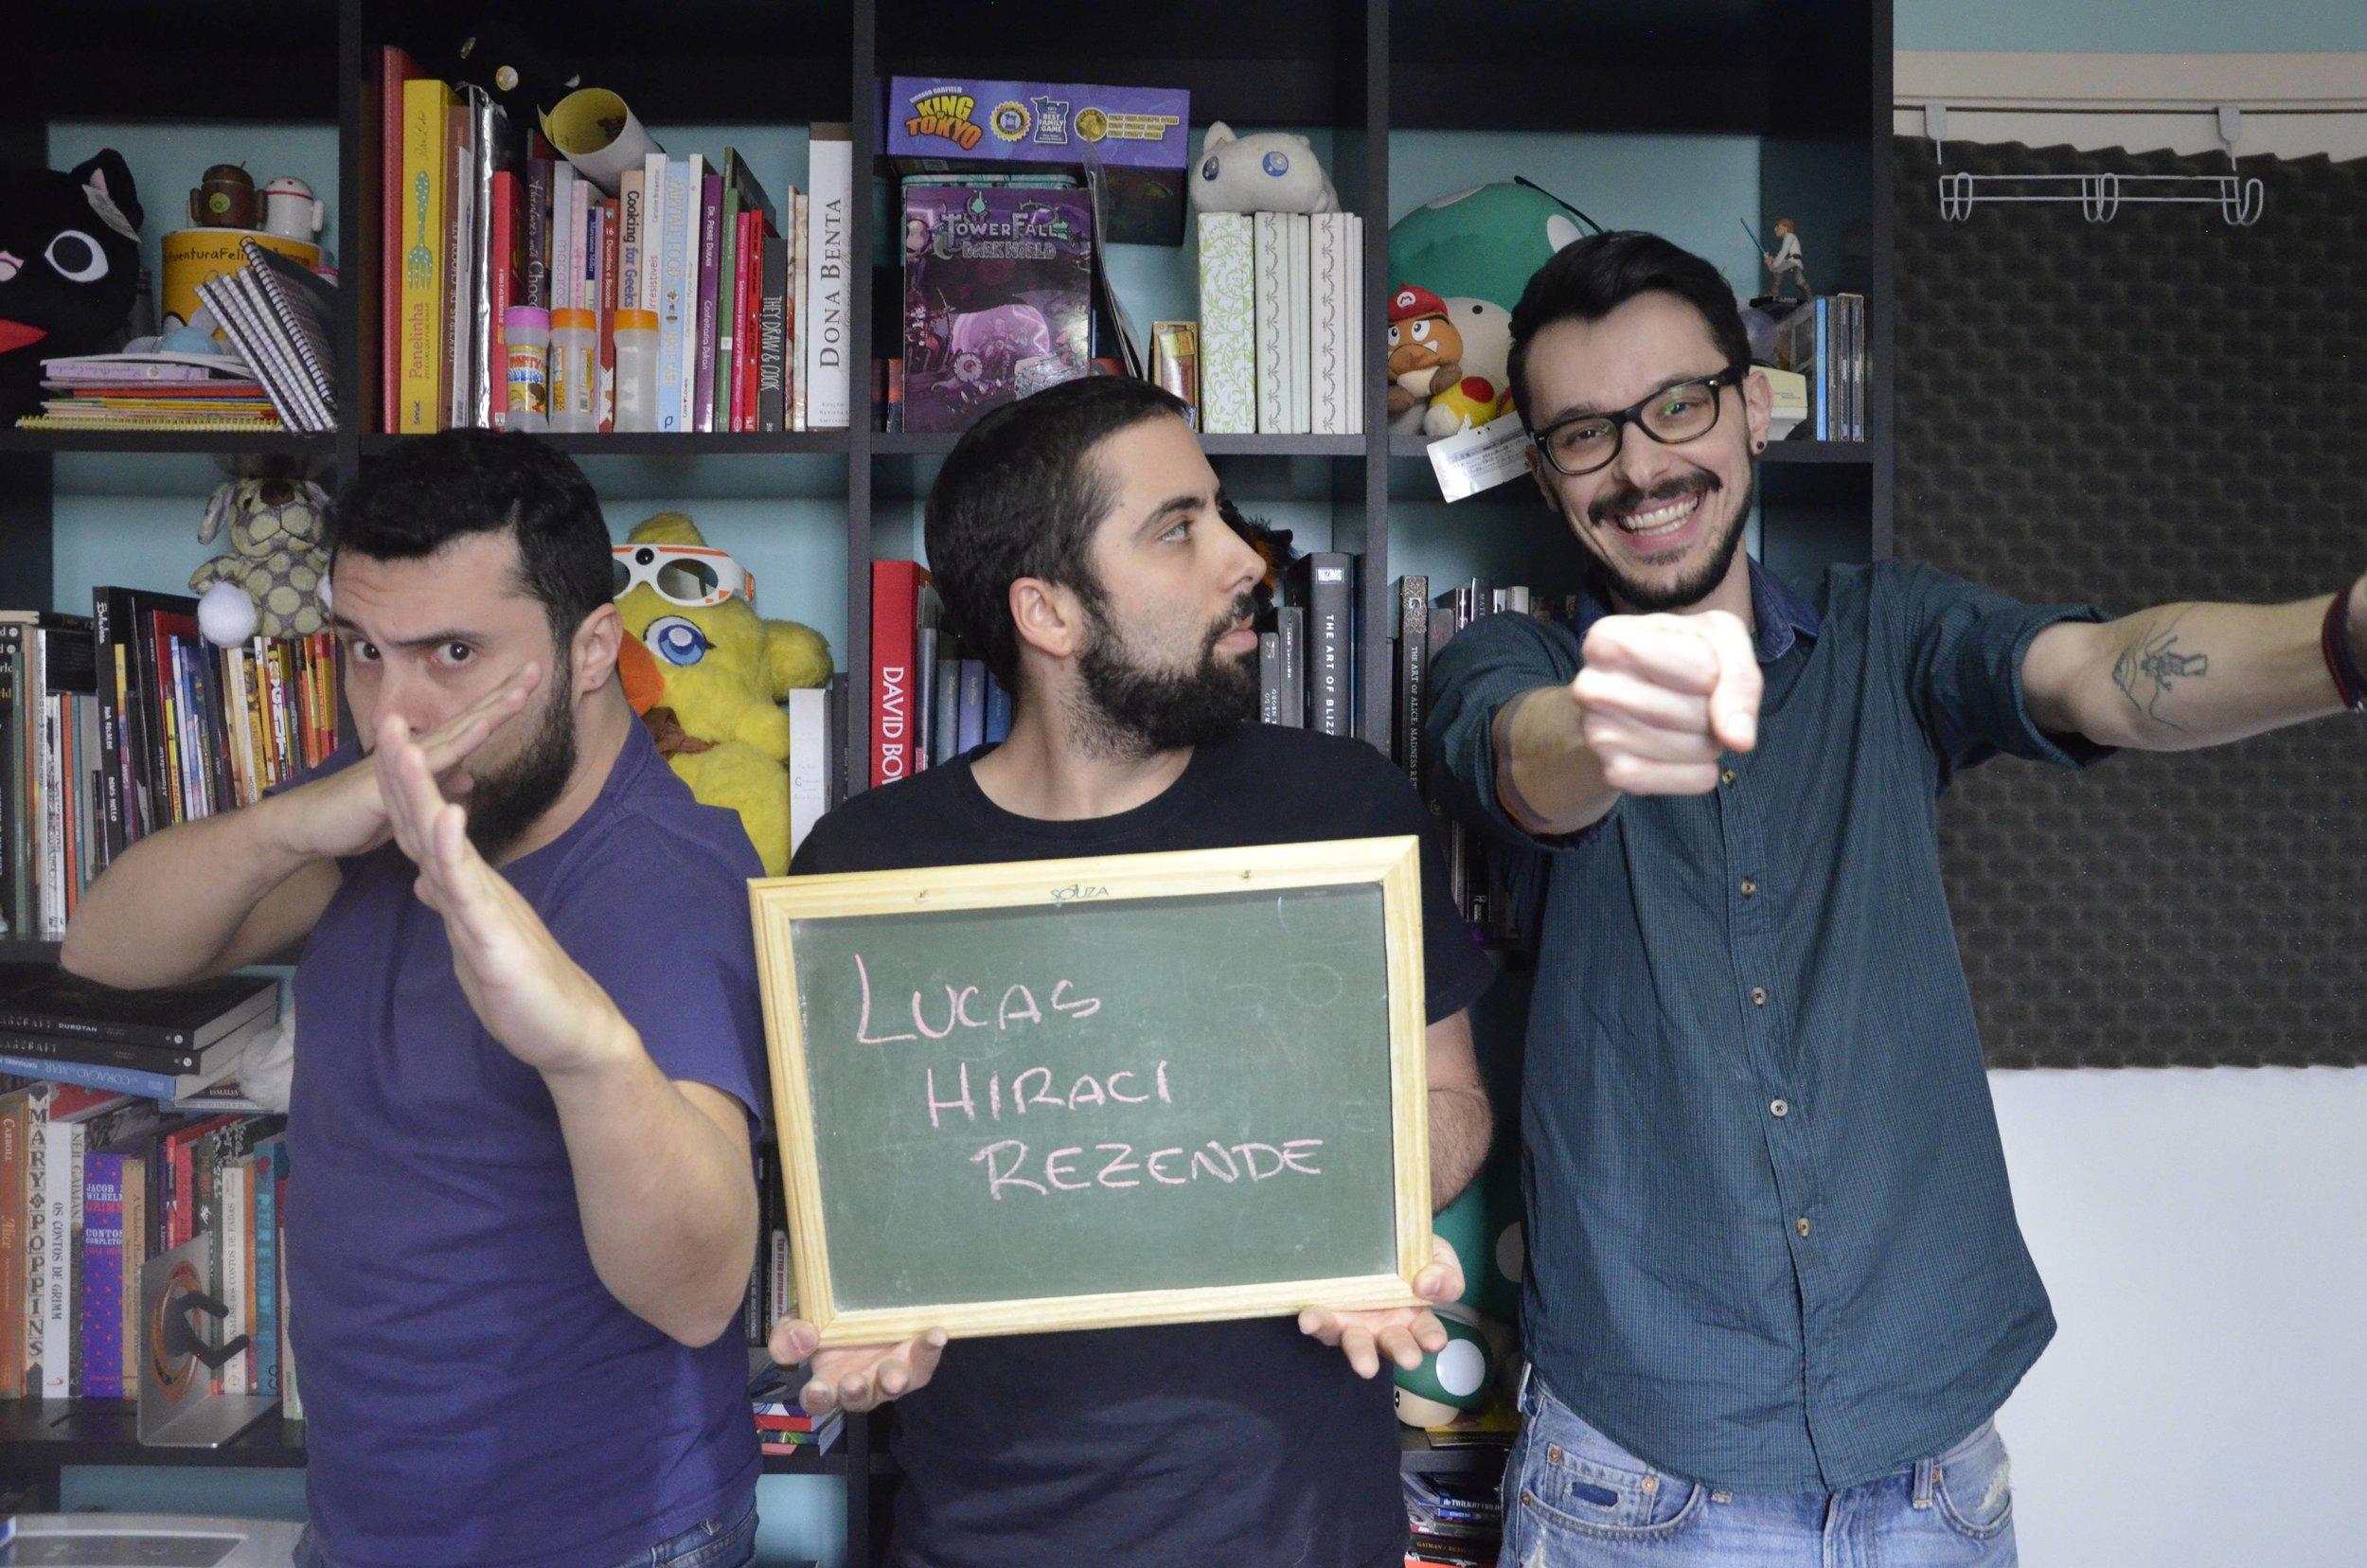 Lucas-Hiraci-Rezende.jpg